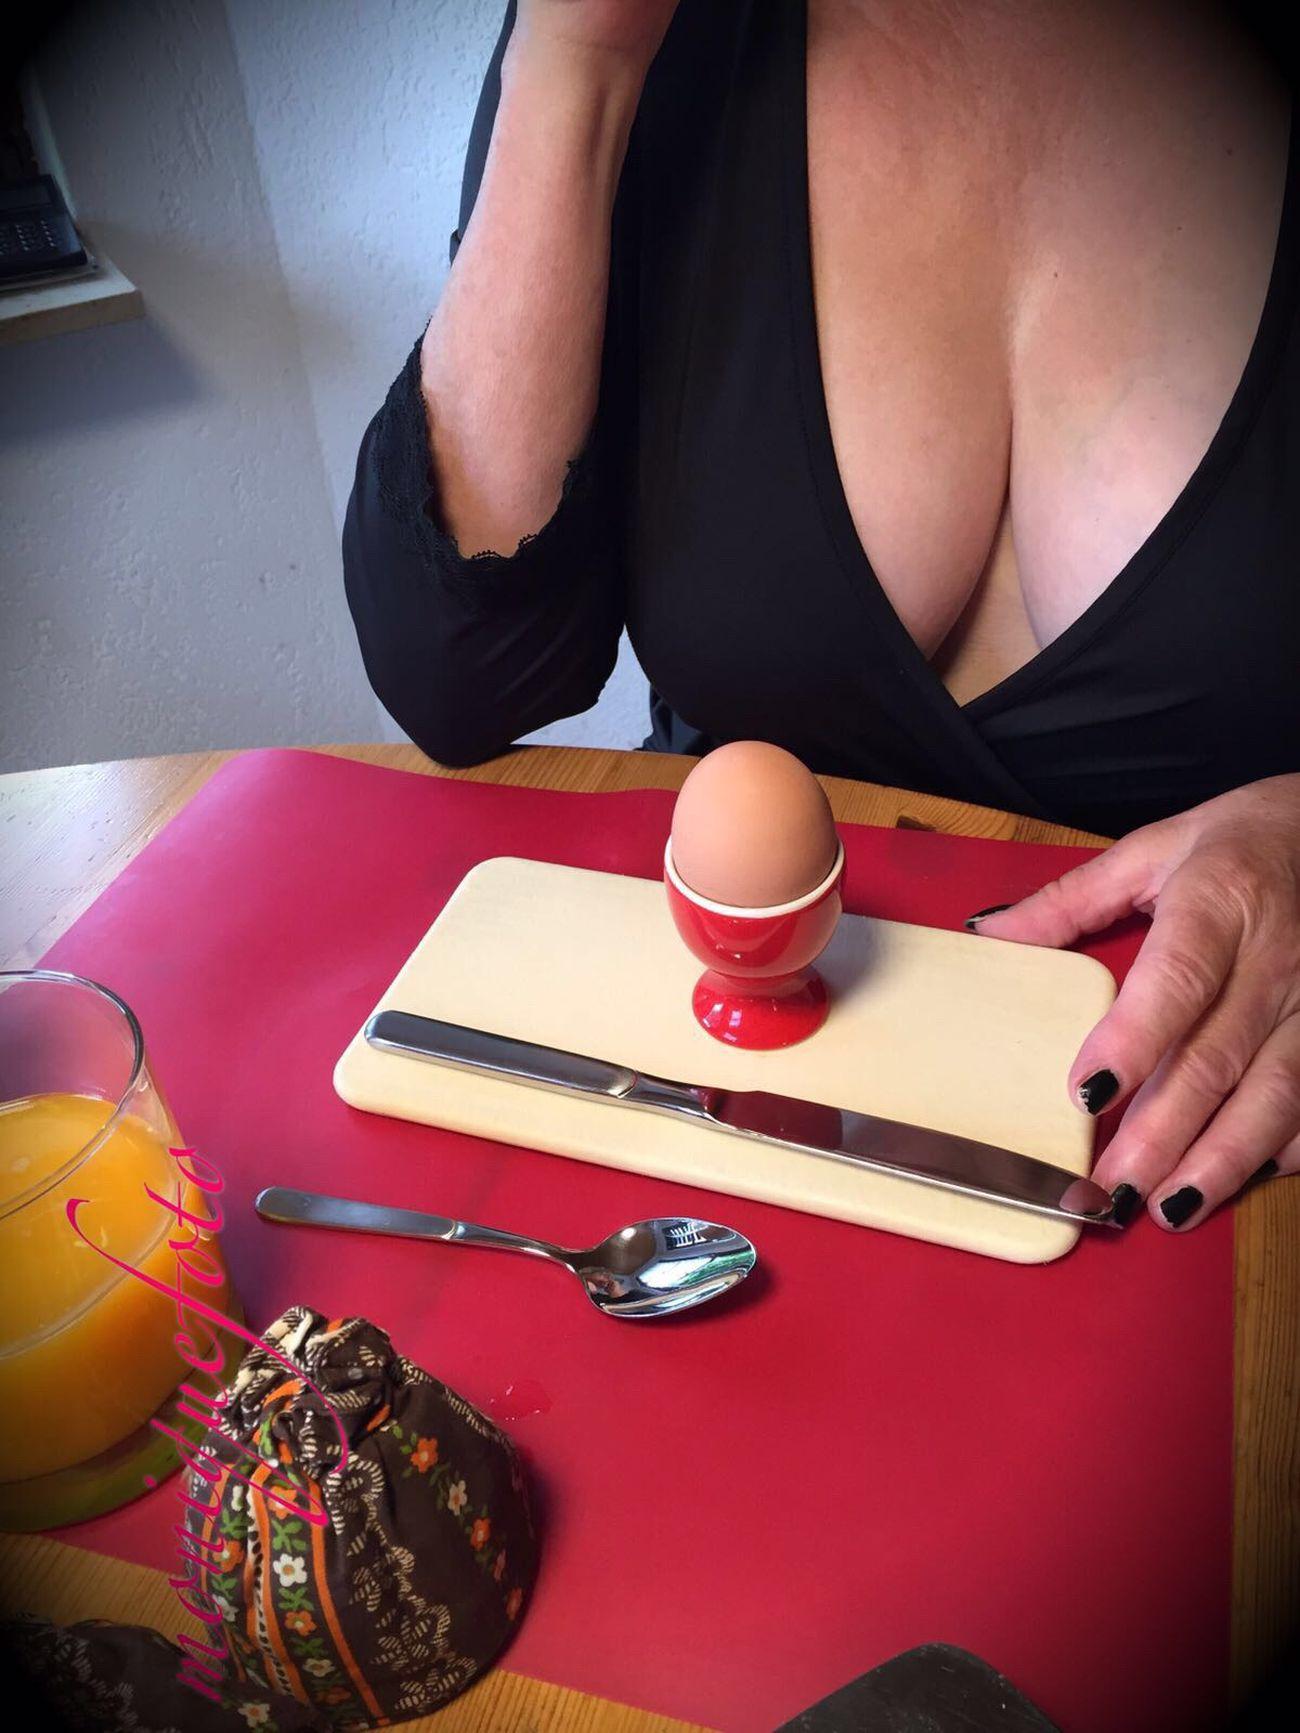 Frühstück bei/mit Monique. Schönen Sonntag ihr Lieben. 💕💗 Monique52 Frühstück Lecker ❤ Frühstücksei Käffchen Trinken